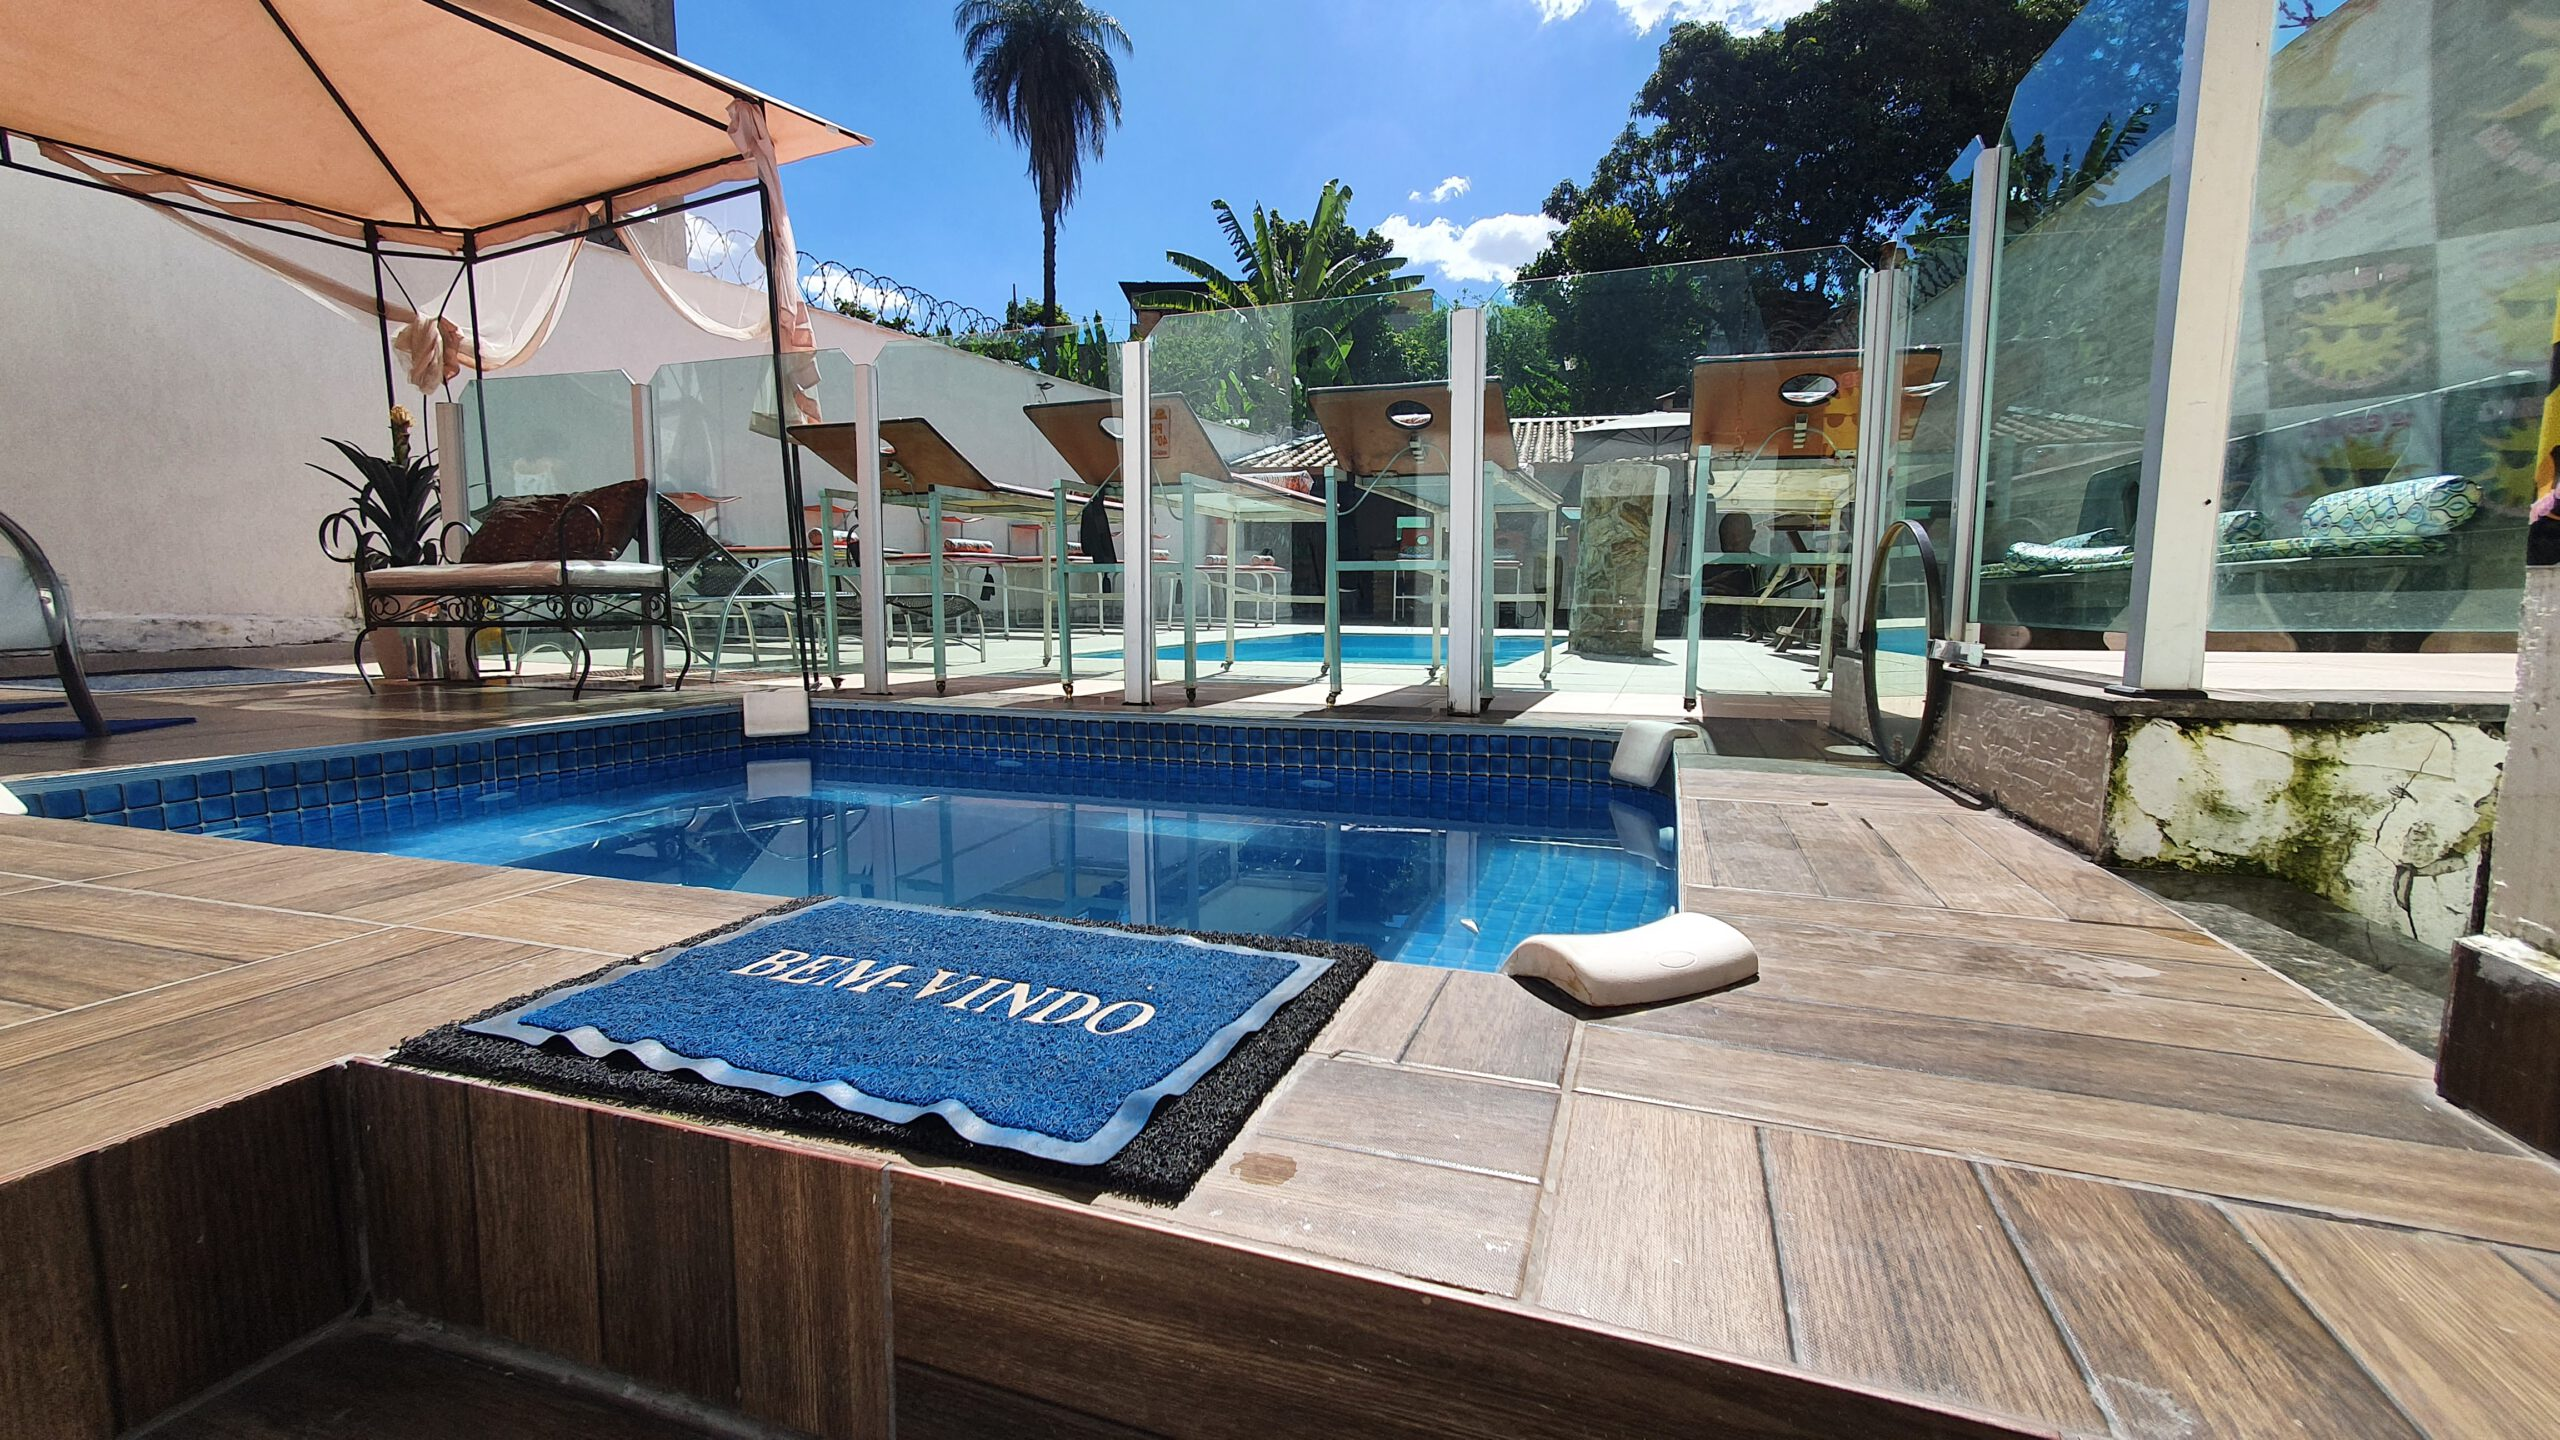 sol-bronze-bh-fotos-do-especo-piscins-hidro